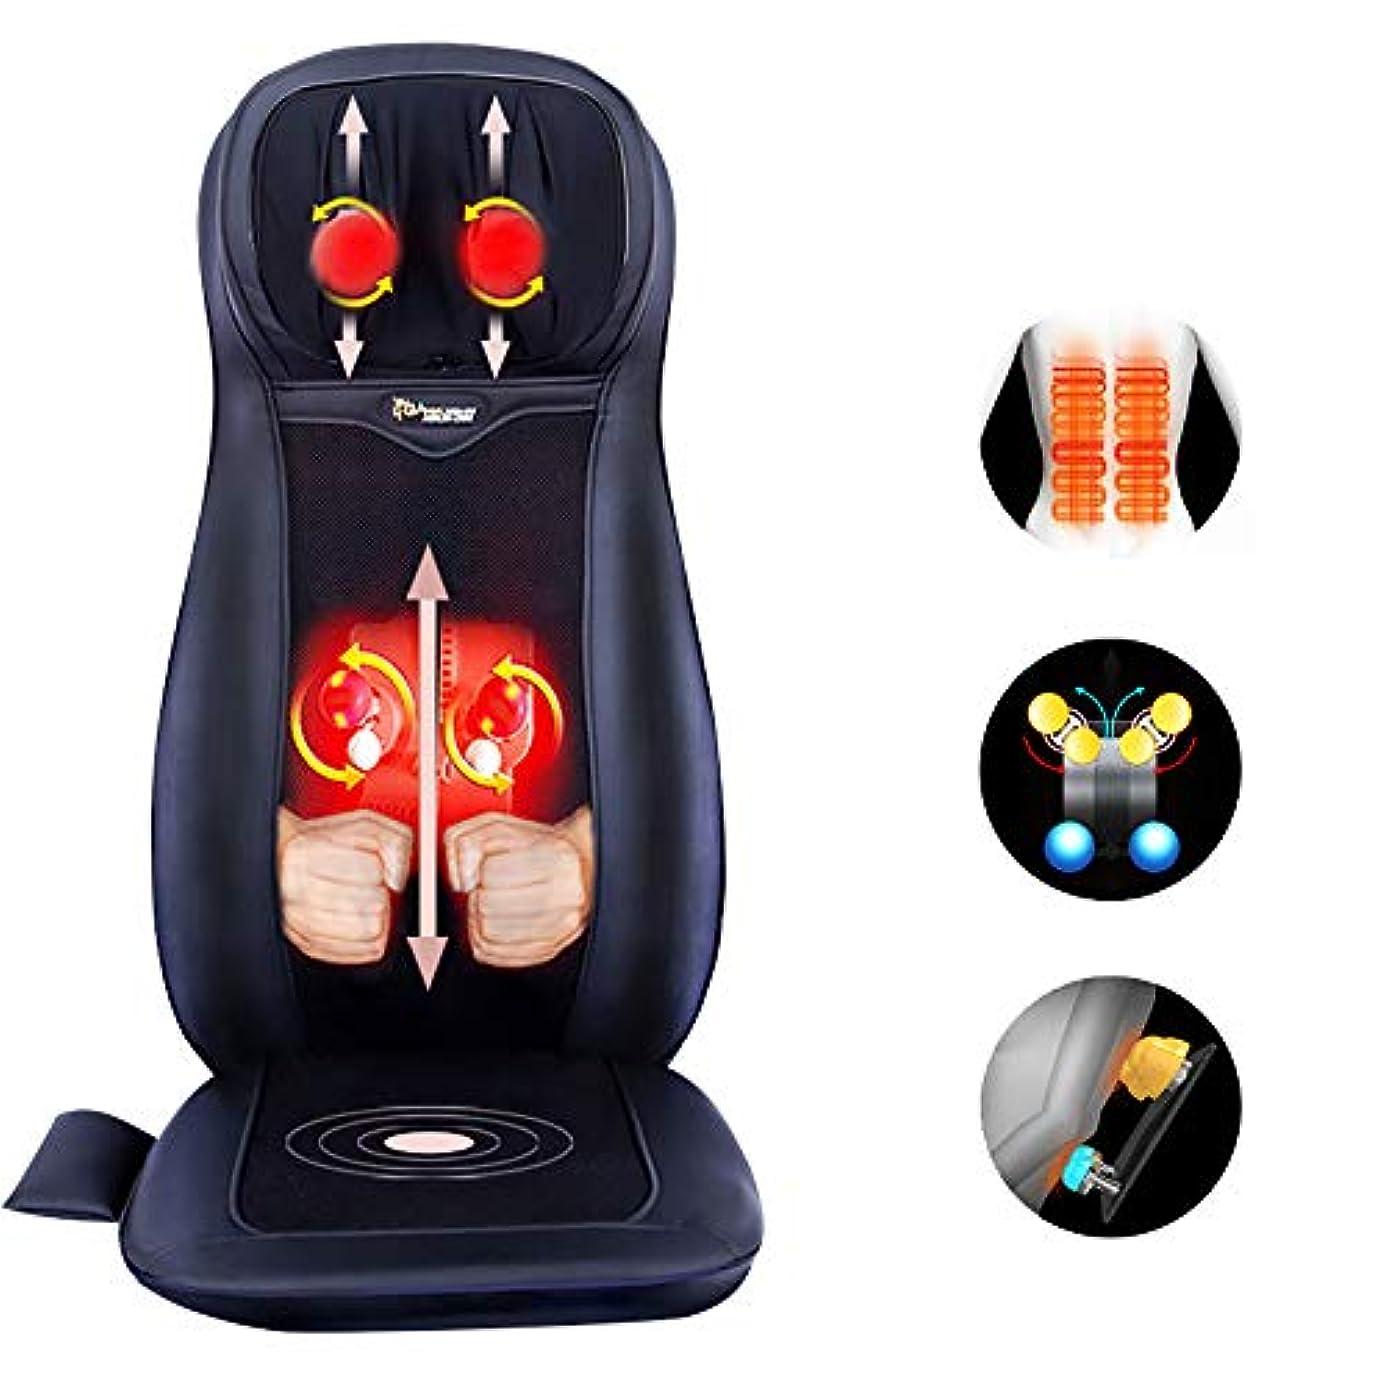 家具リングレット最大指圧マッサージシートクッション - 2D / 3Dの2イン1モードに戻るマッサージ熱、指圧マッサージチェアのシートクッション、バックとネックマッサージ(黒)と